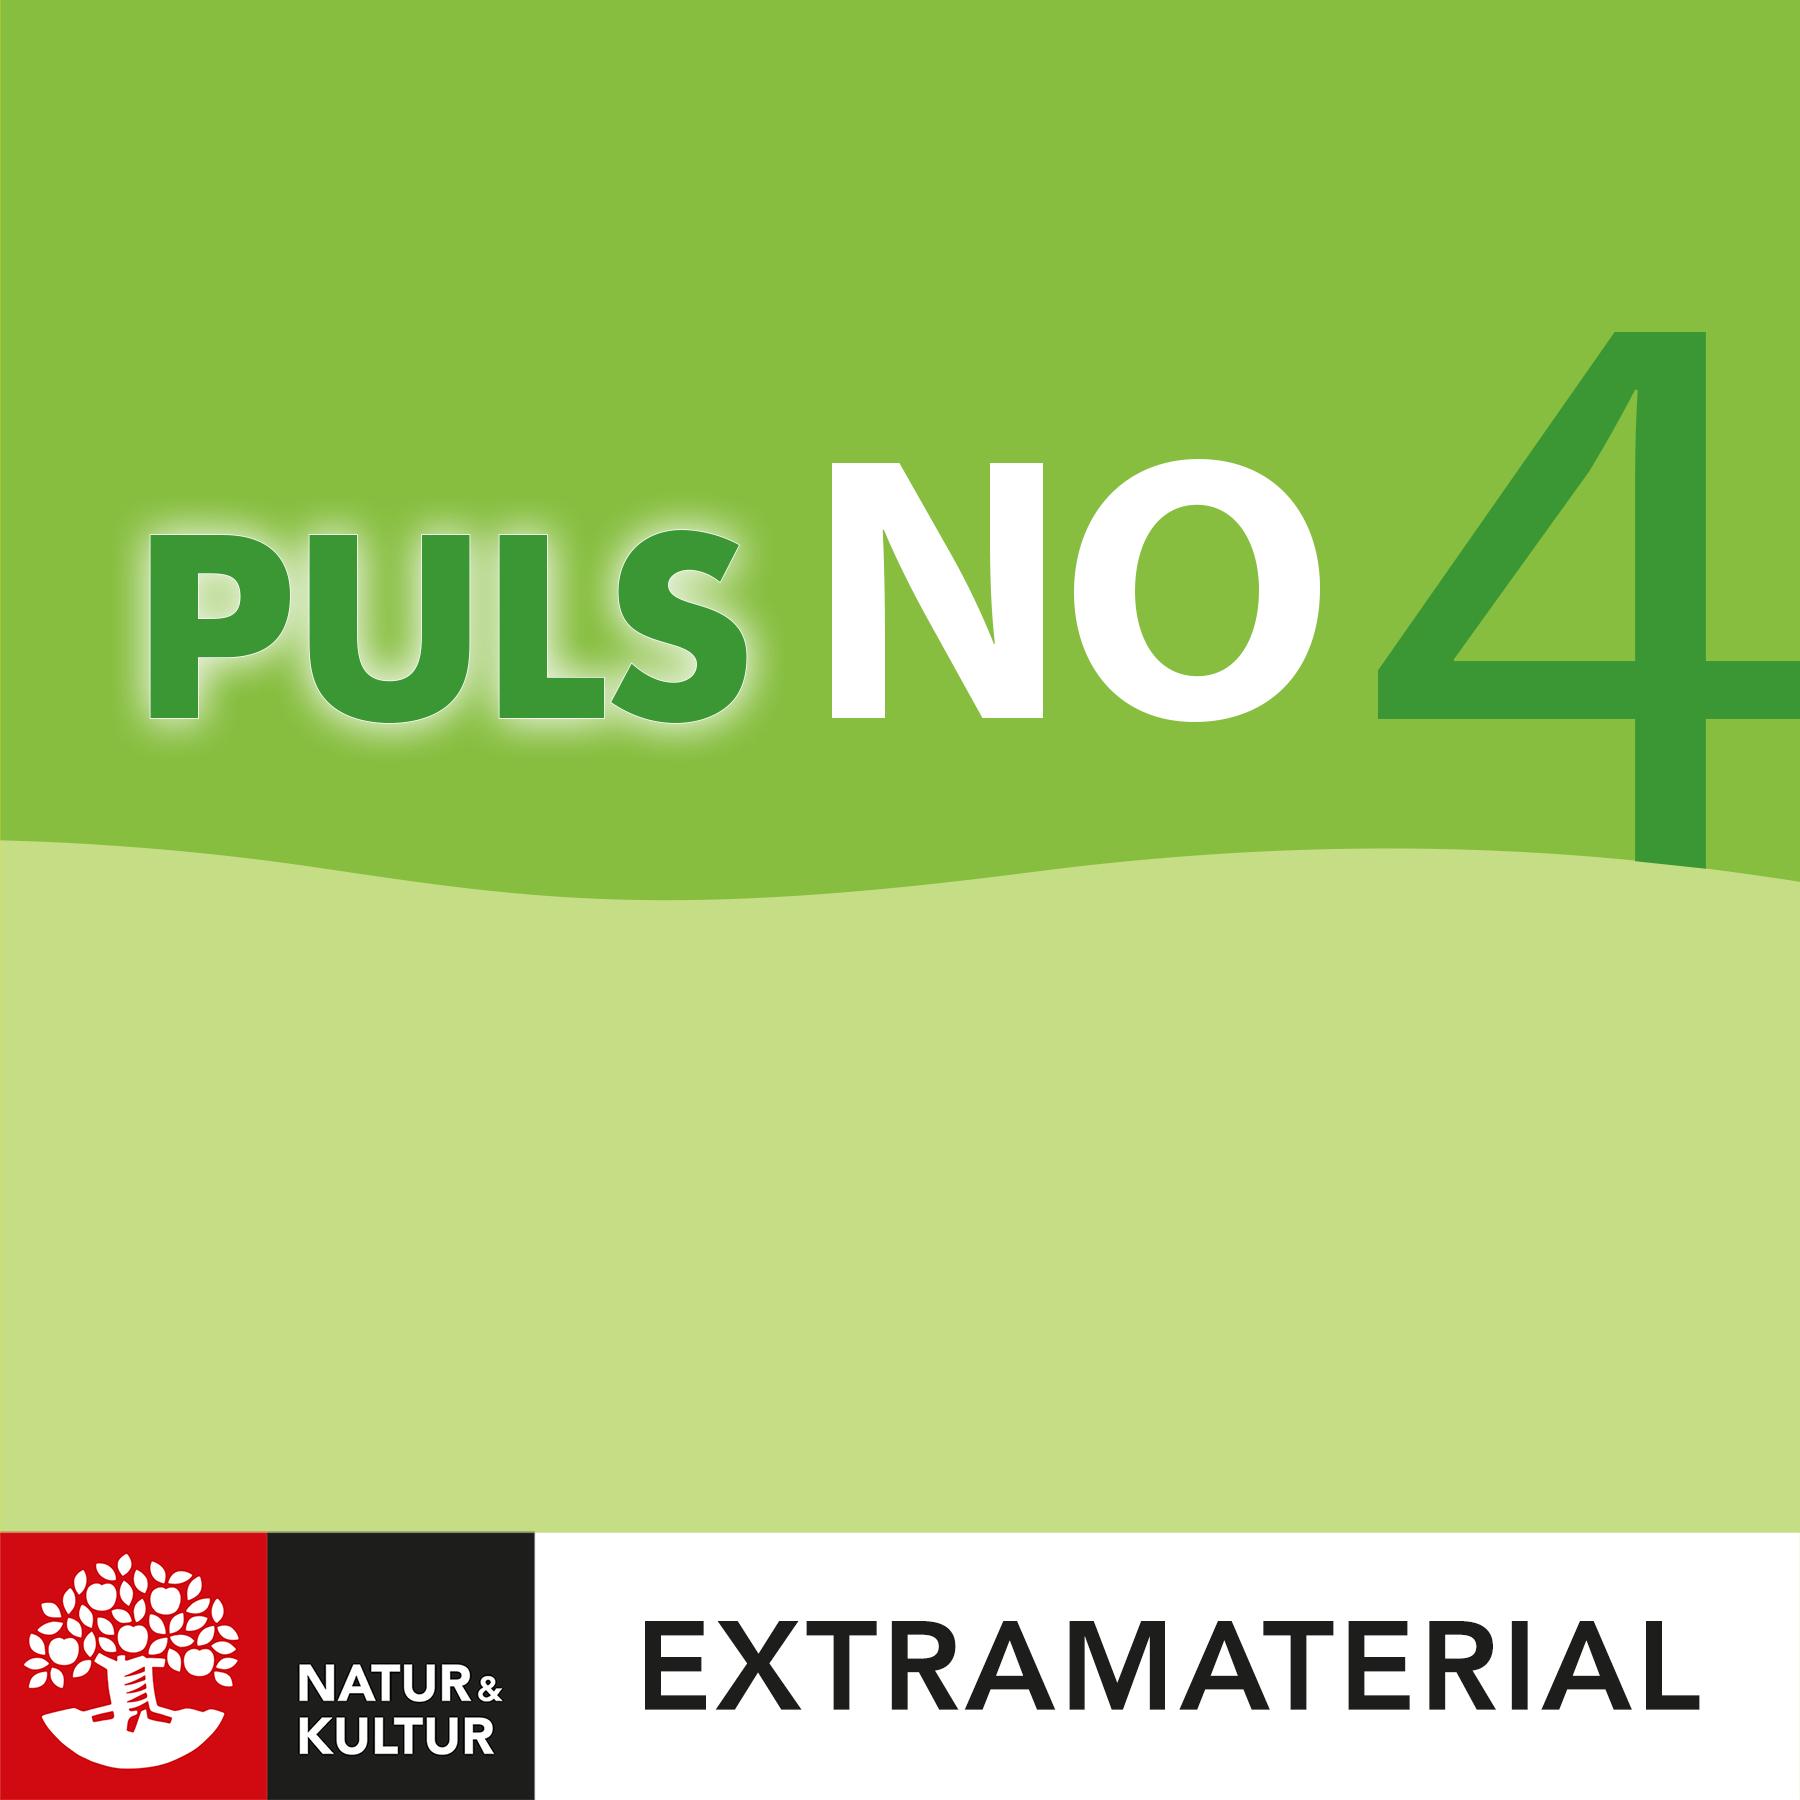 PULS NO åk 4